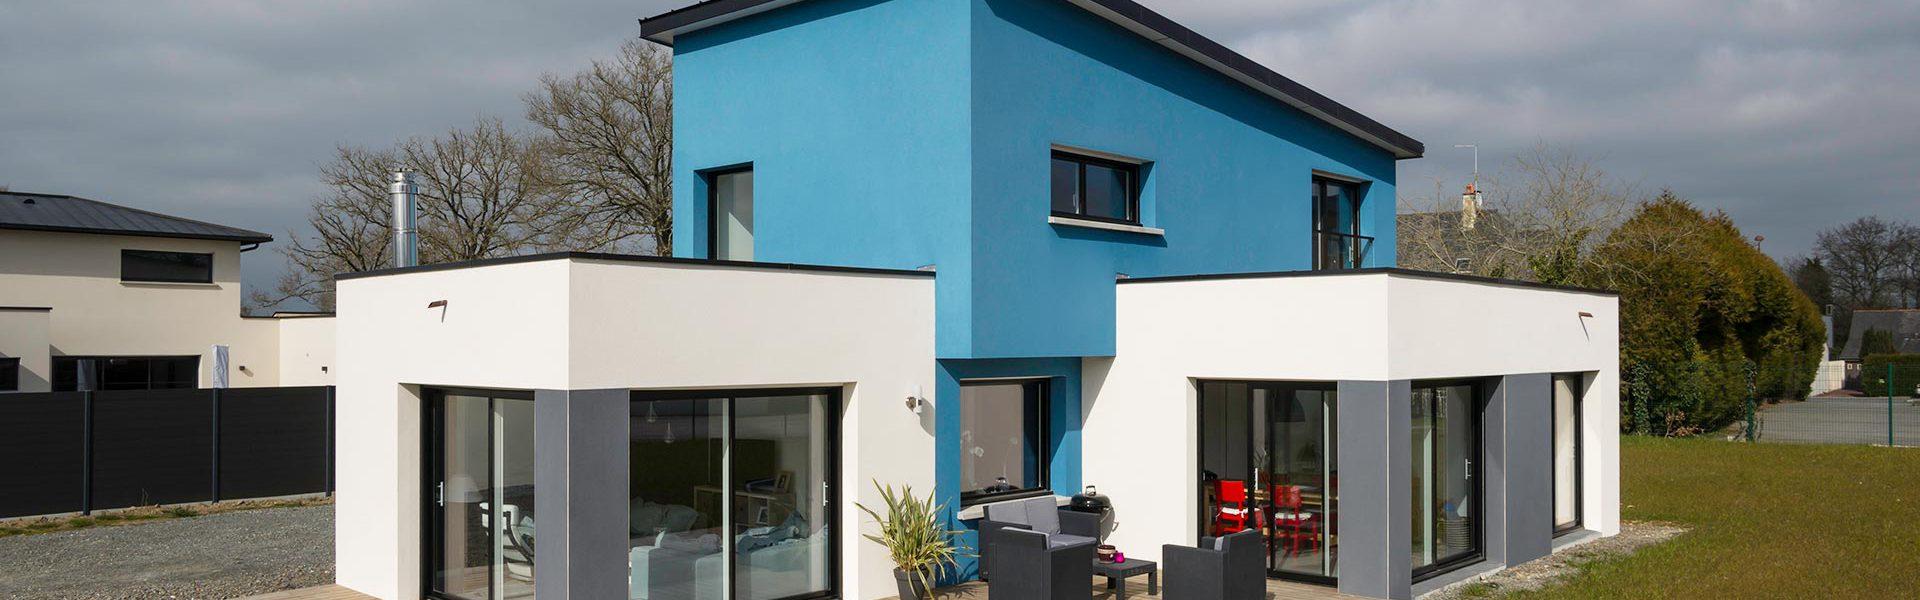 Constructeur maison rennes ille et vilaine 35 maisons for Constructeur maison positive